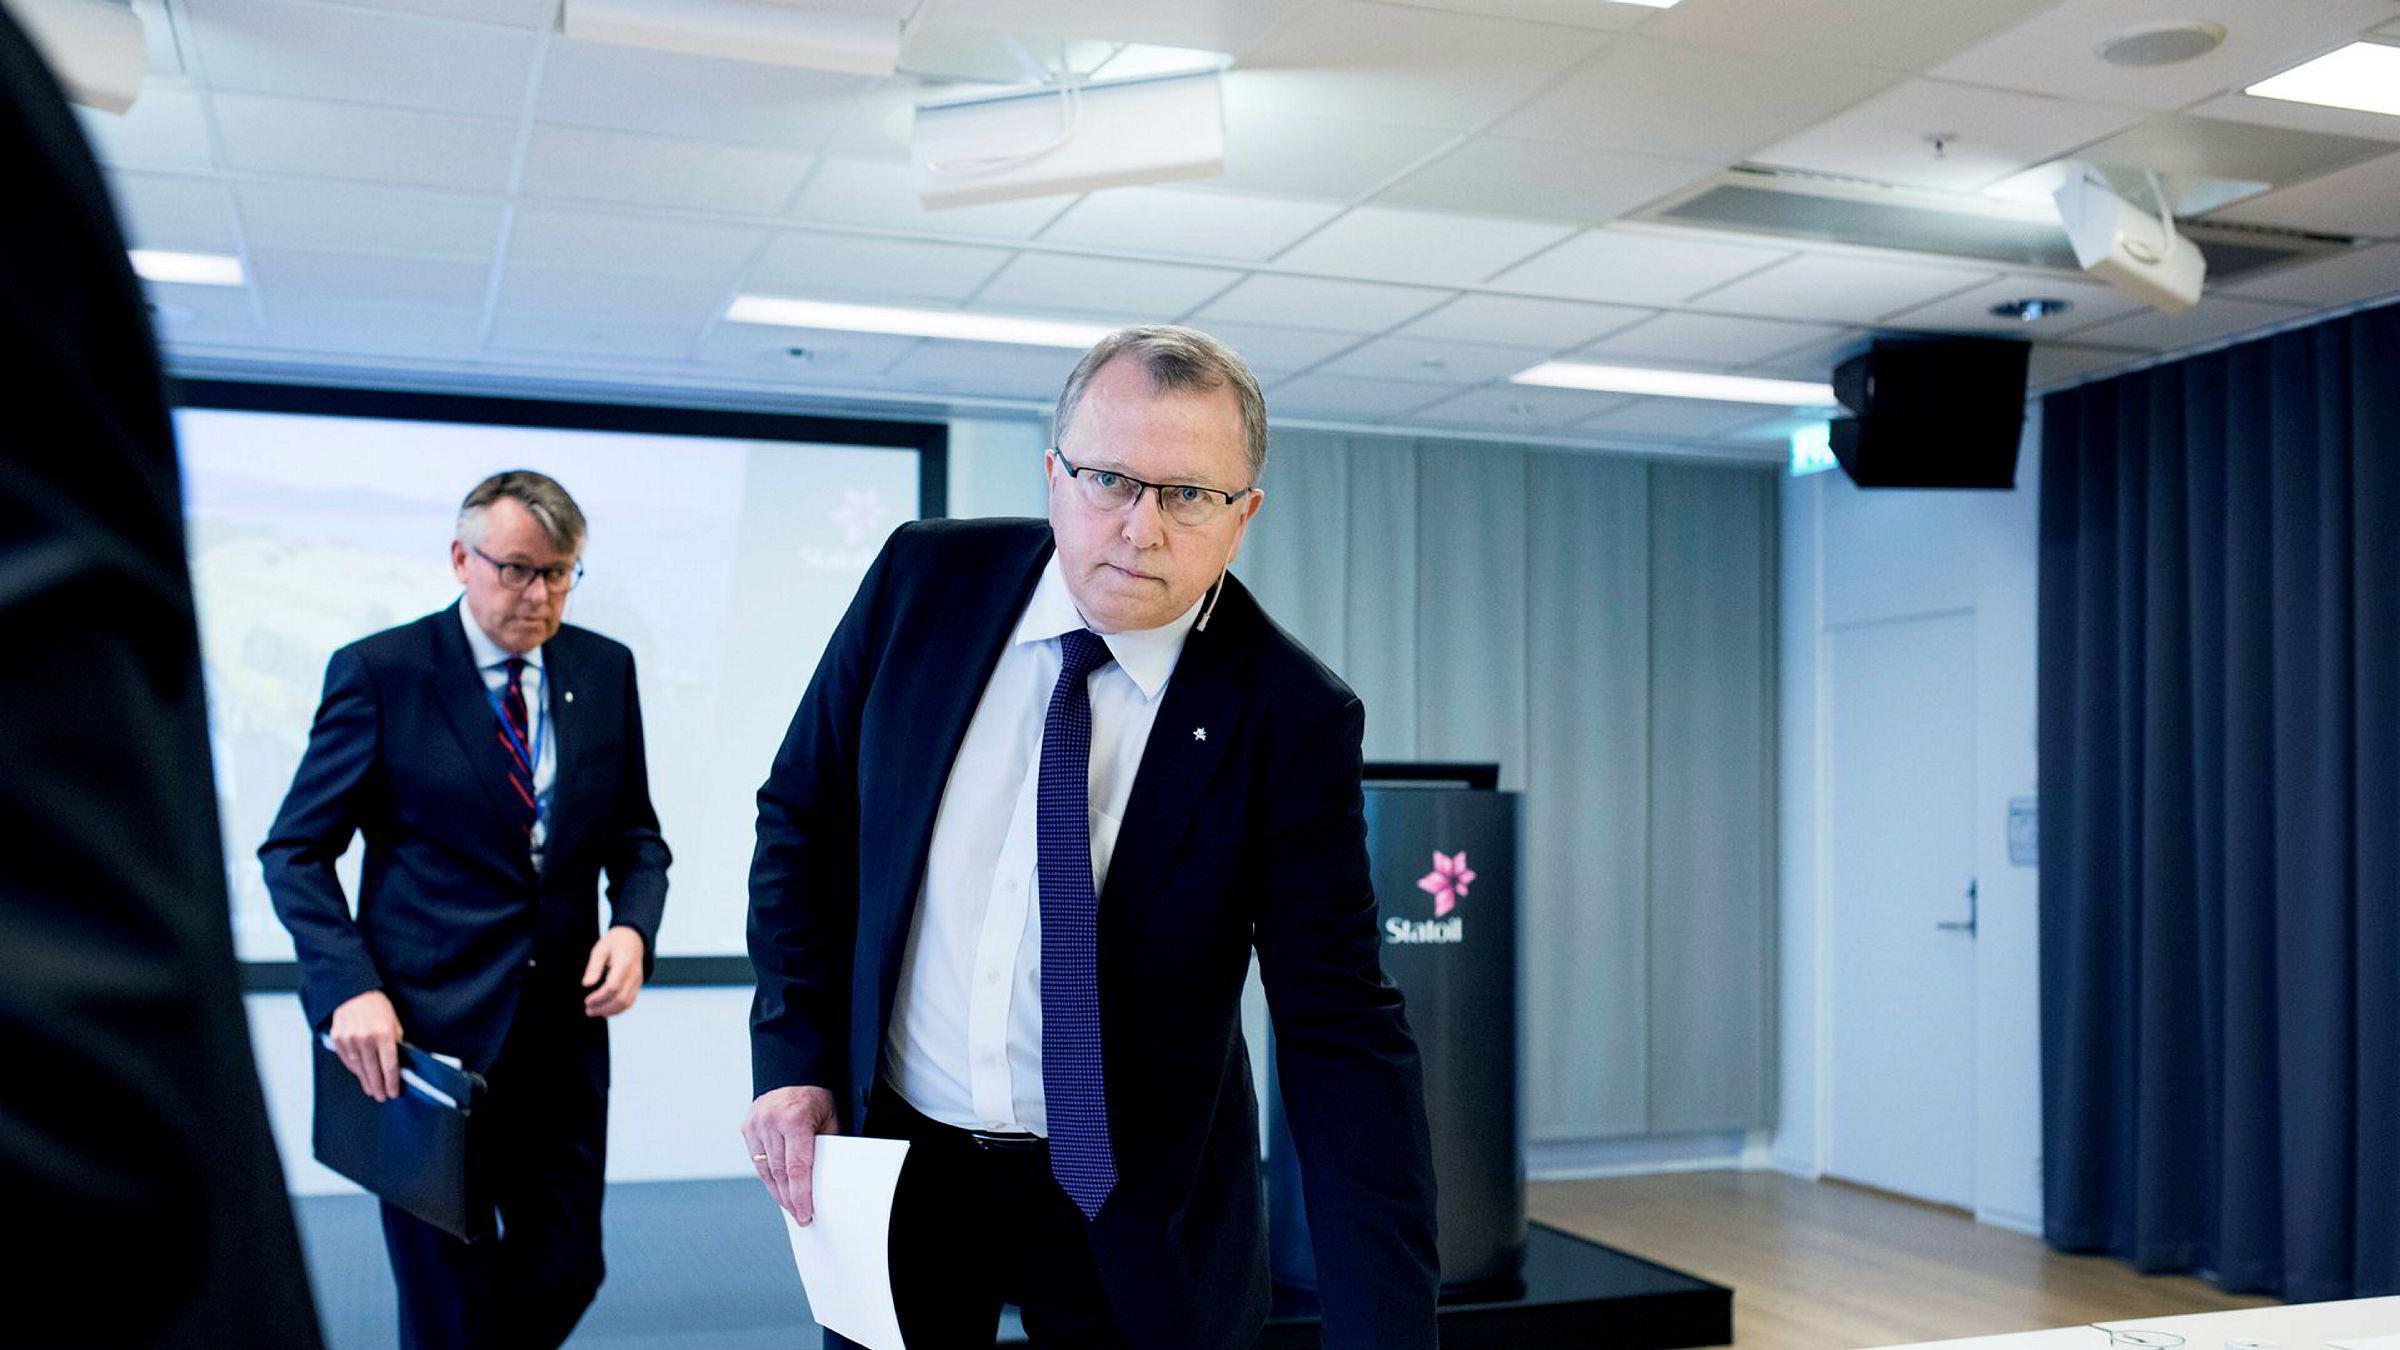 Statoil-sjef Eldar Sætre (t.h) får mer lønn. Til venstre Statoil-kommunikasjonsdirektør Reidar Gjærum.